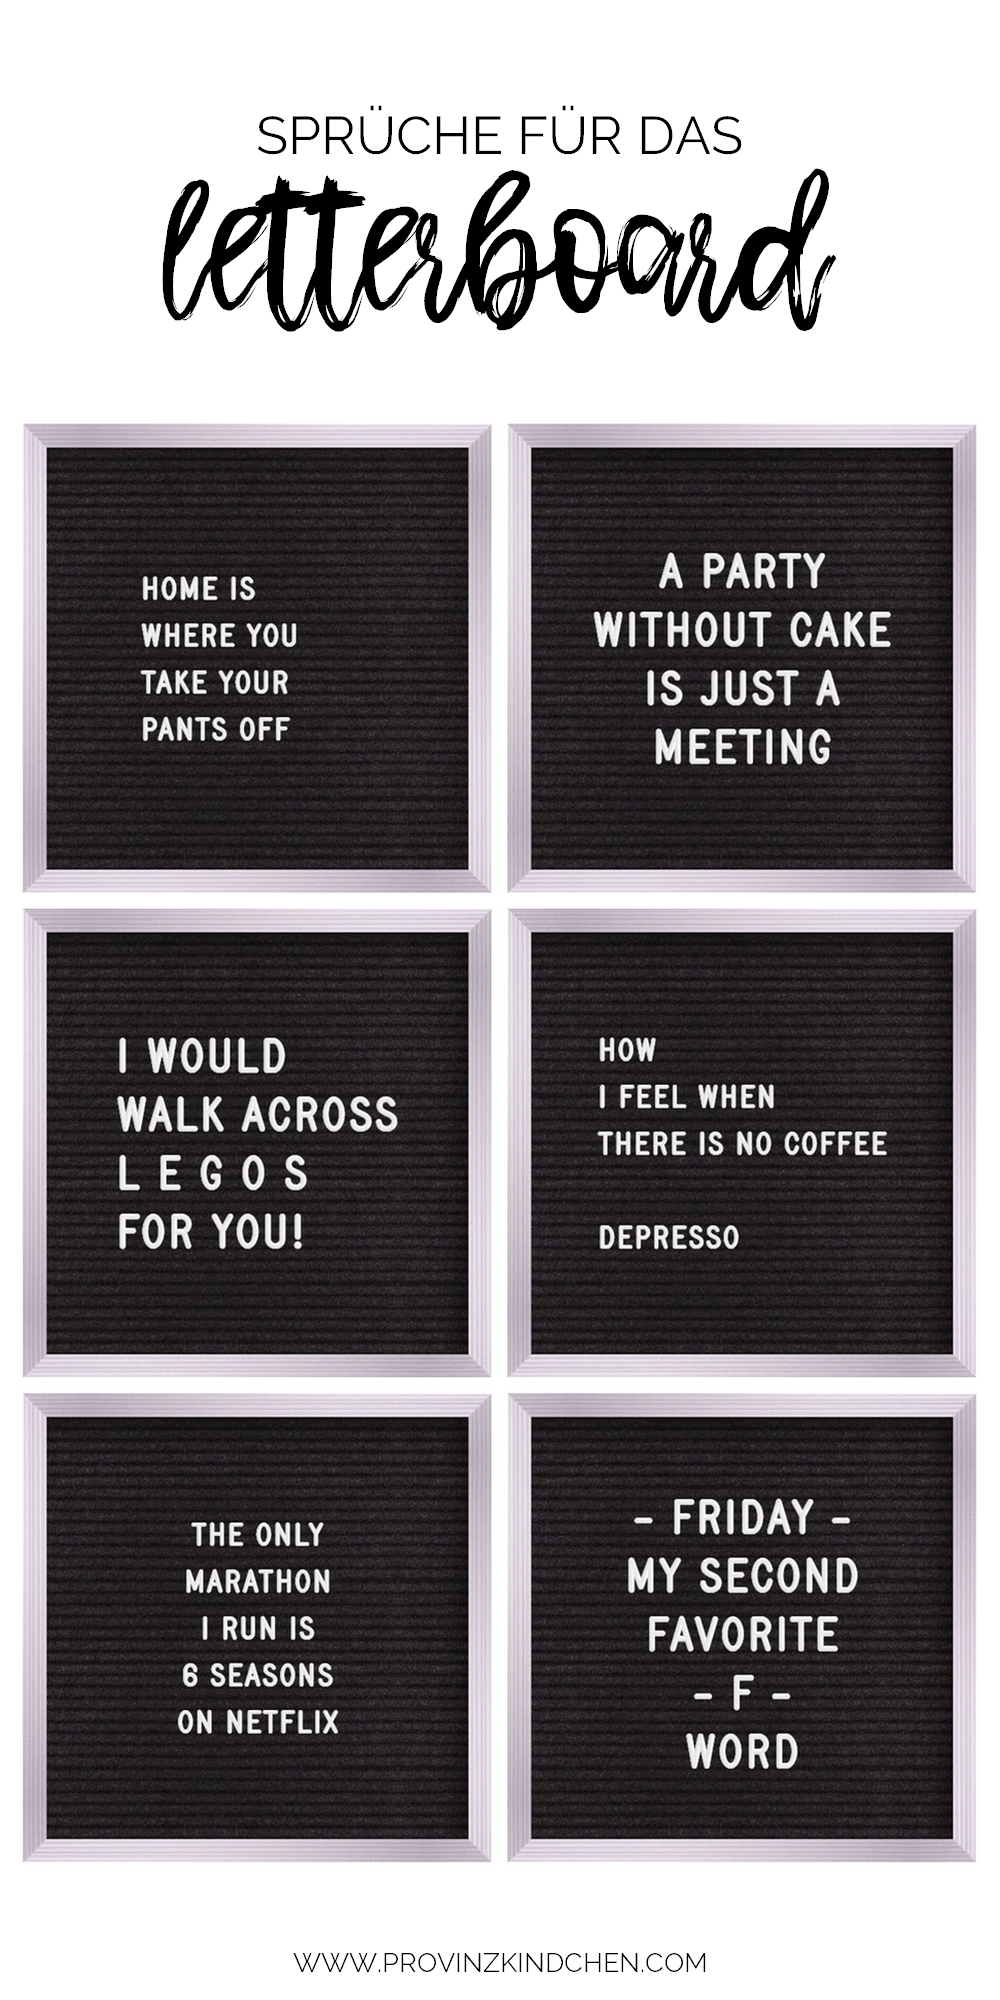 Mehr als 100 Sprüche für das Letterboard